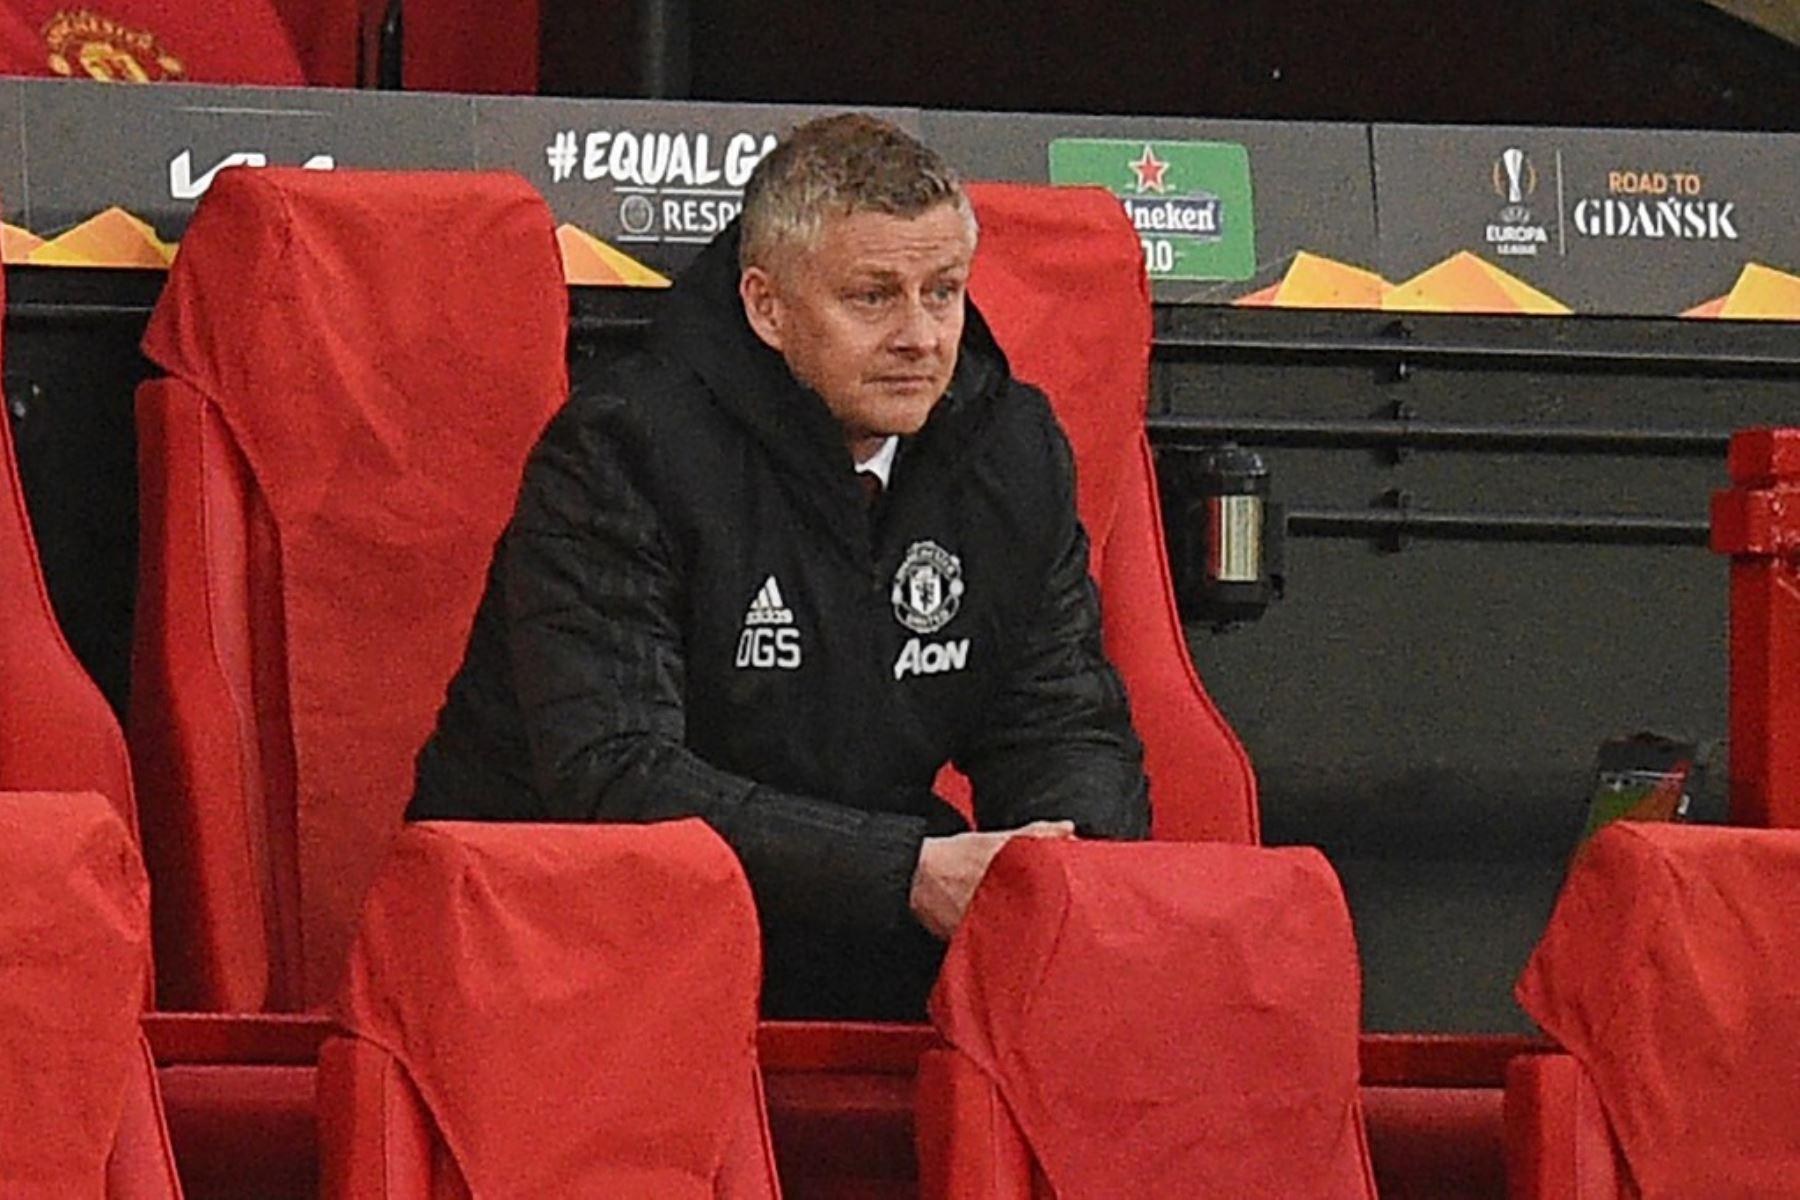 El técnico noruego del Manchester United, Ole Gunnar Solskjaer, observa desde su asiento durante los cuartos de final de la UEFA Europa League, partido de vuelta entre el Manchester United y el Granada.  Foto: AFP